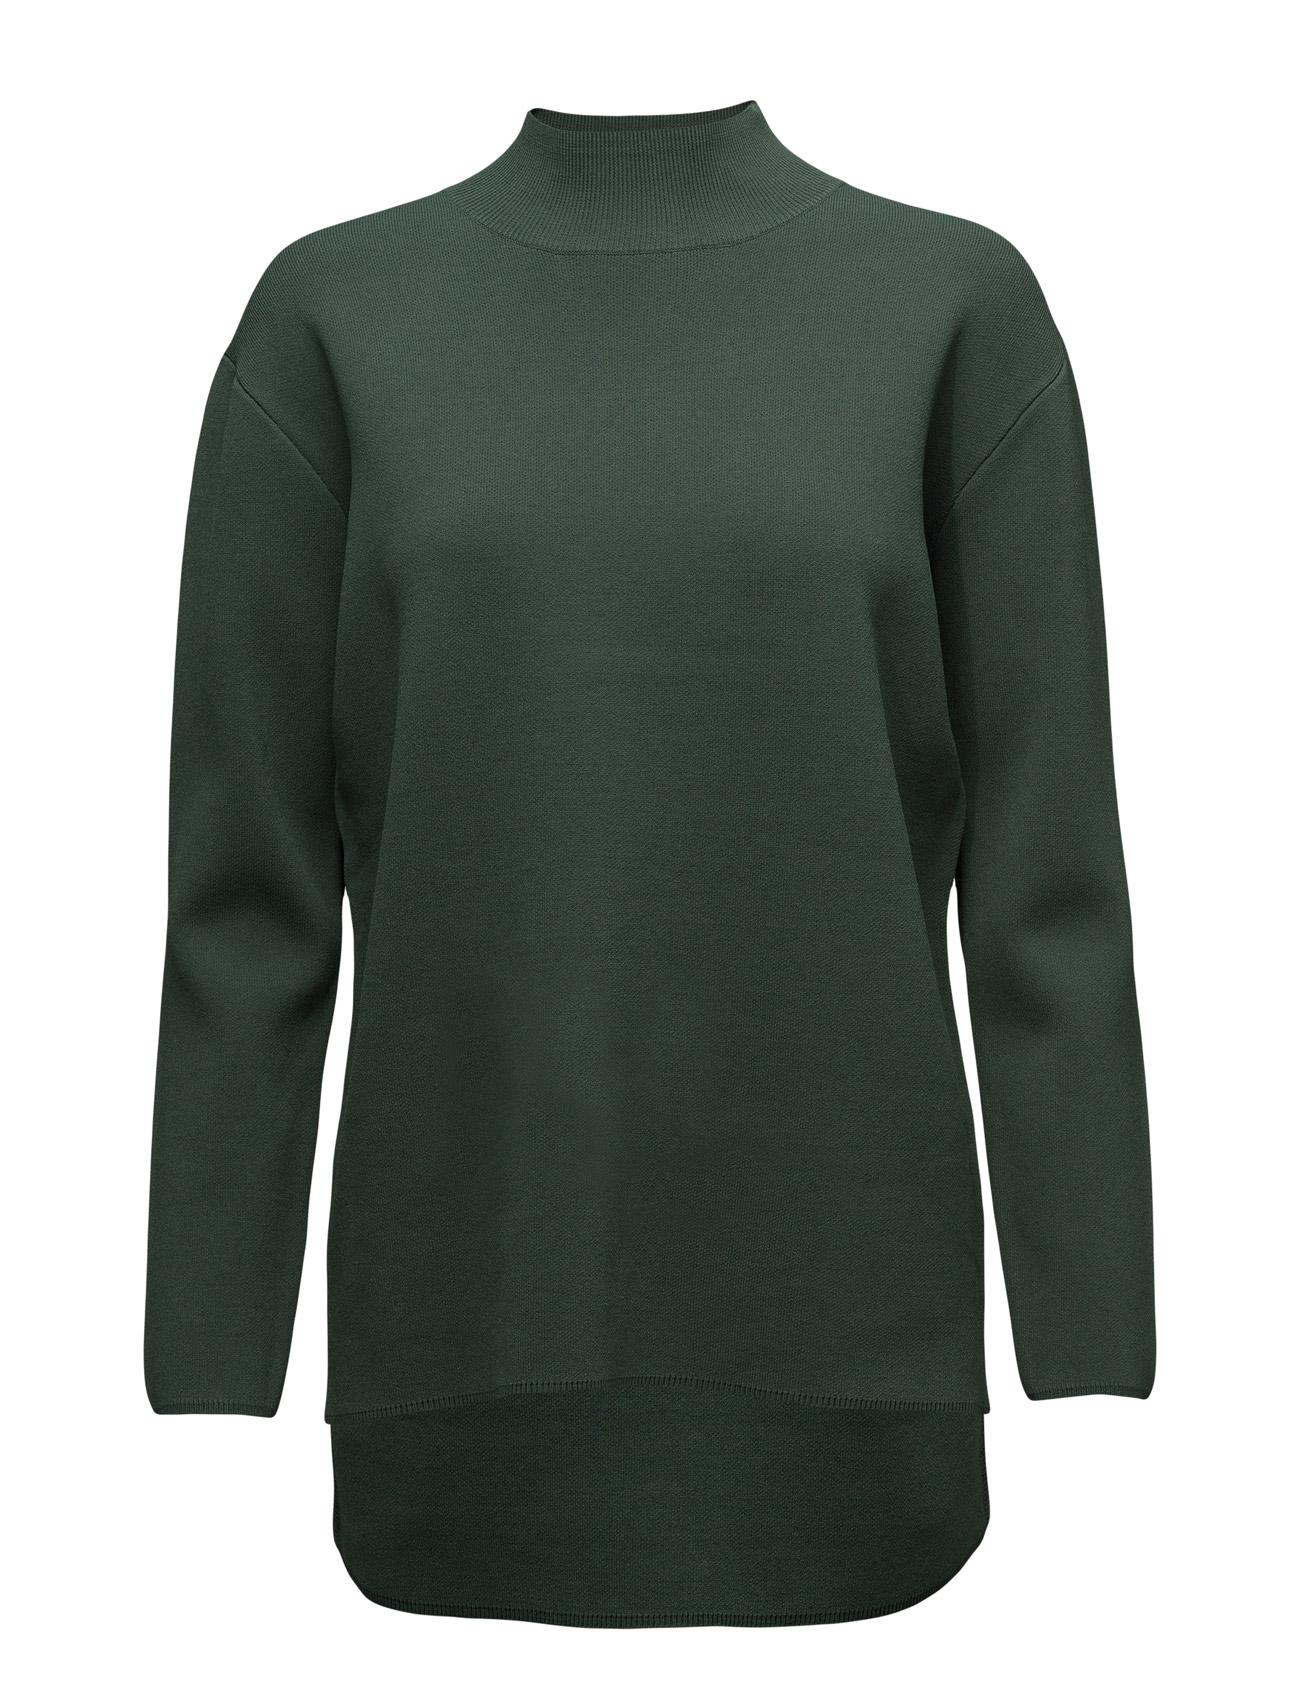 Cille_2 Won Hundred Sweatshirts til Damer i Jungle Green